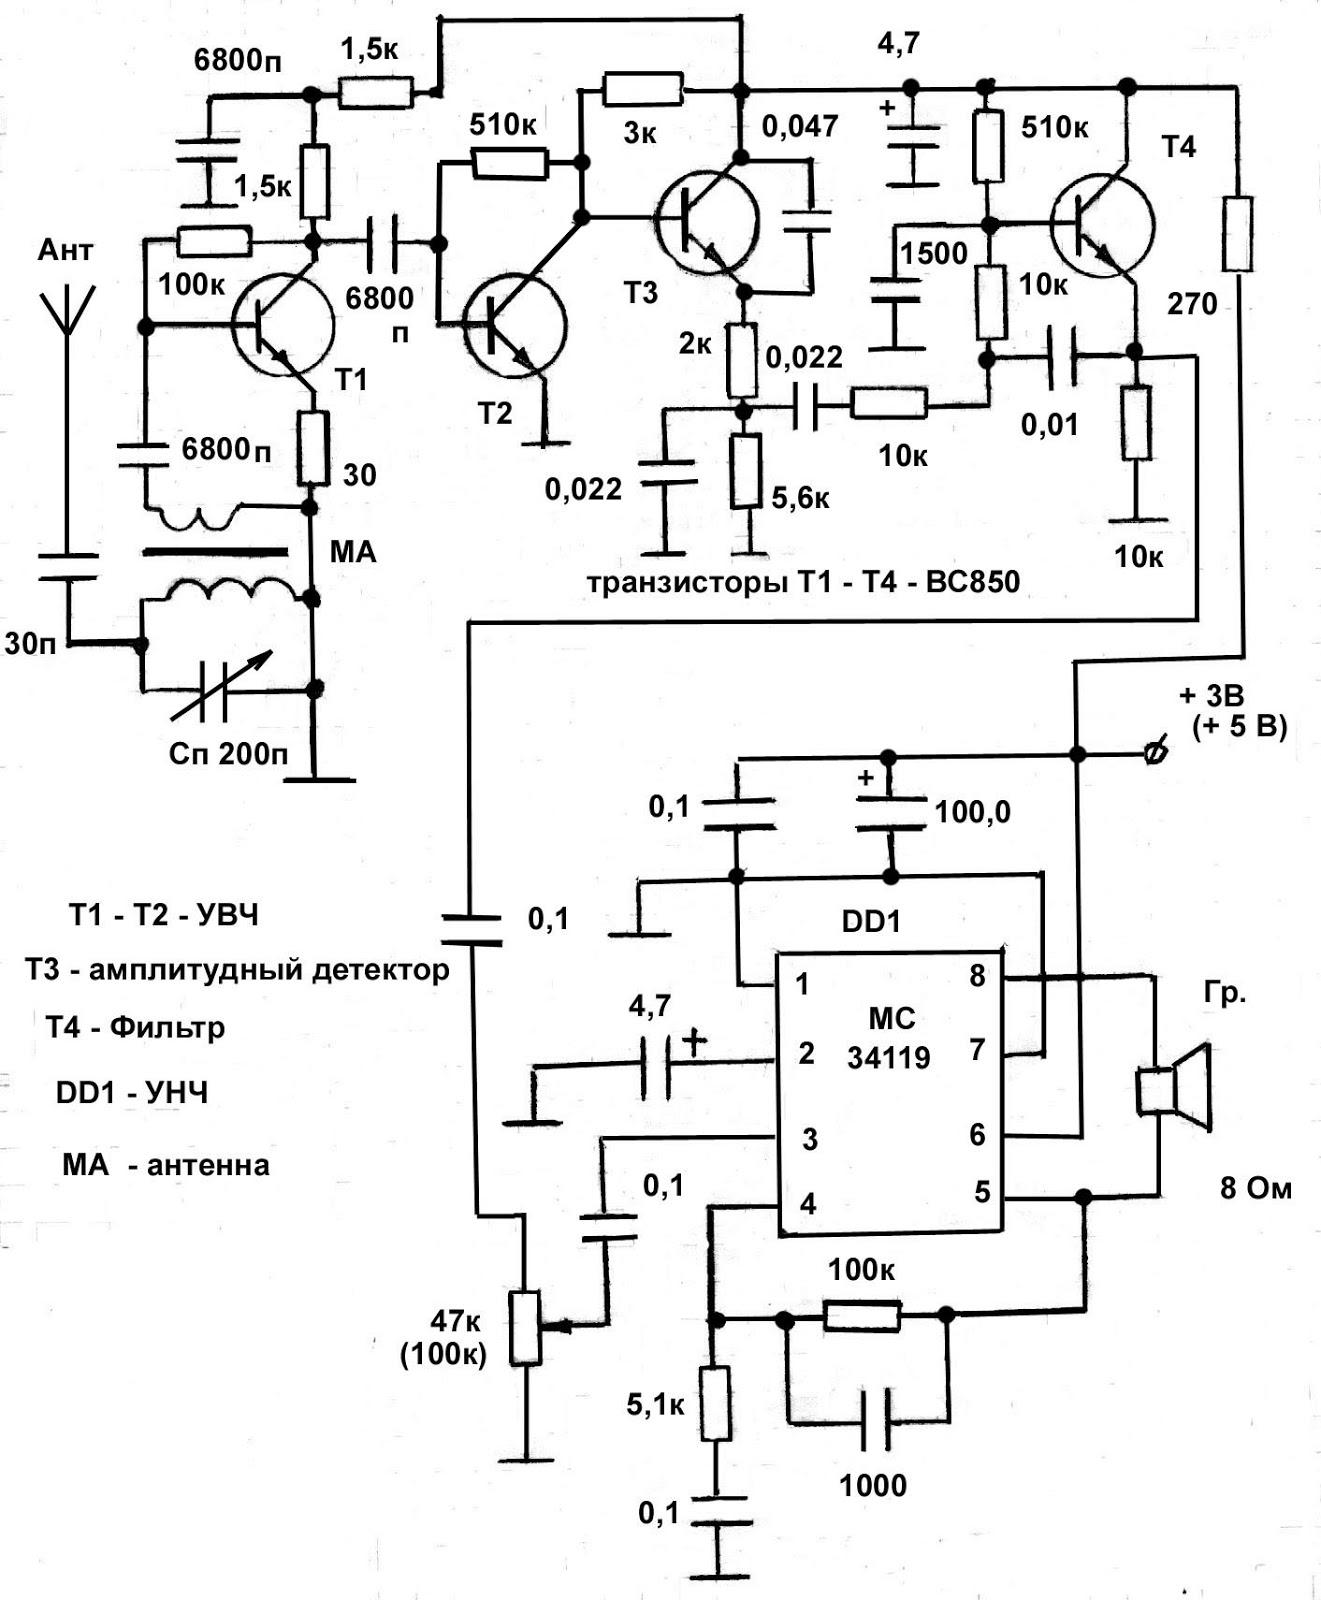 h схему радиоприемника маяк 2